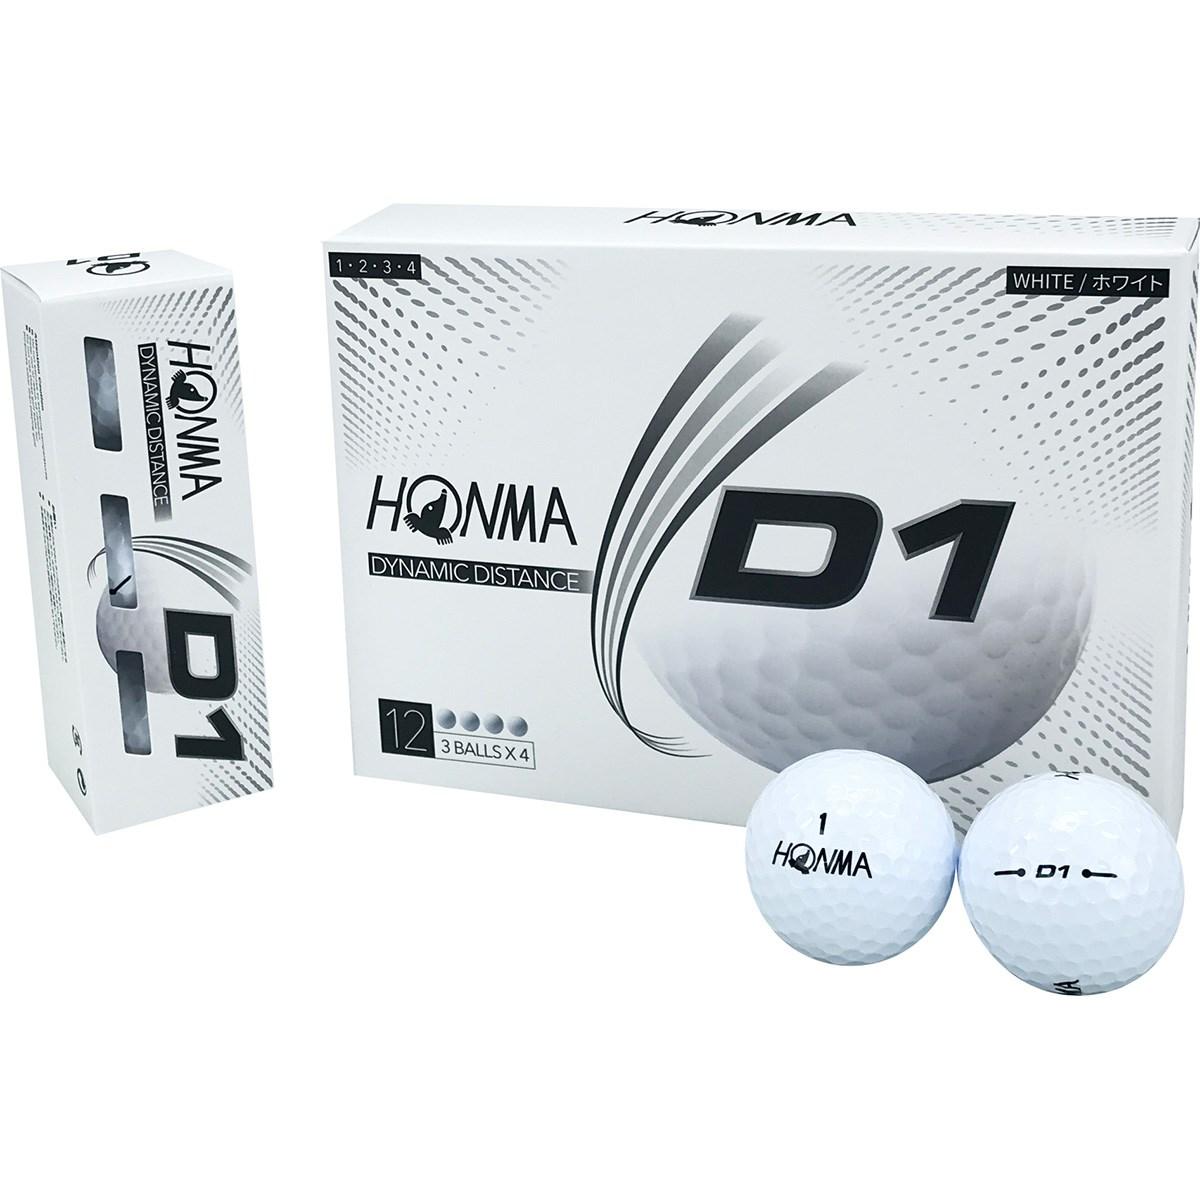 本間ゴルフ HONMA D1 ボール 2020年モデル 5ダースセット 5ダース(60個入り) ホワイト